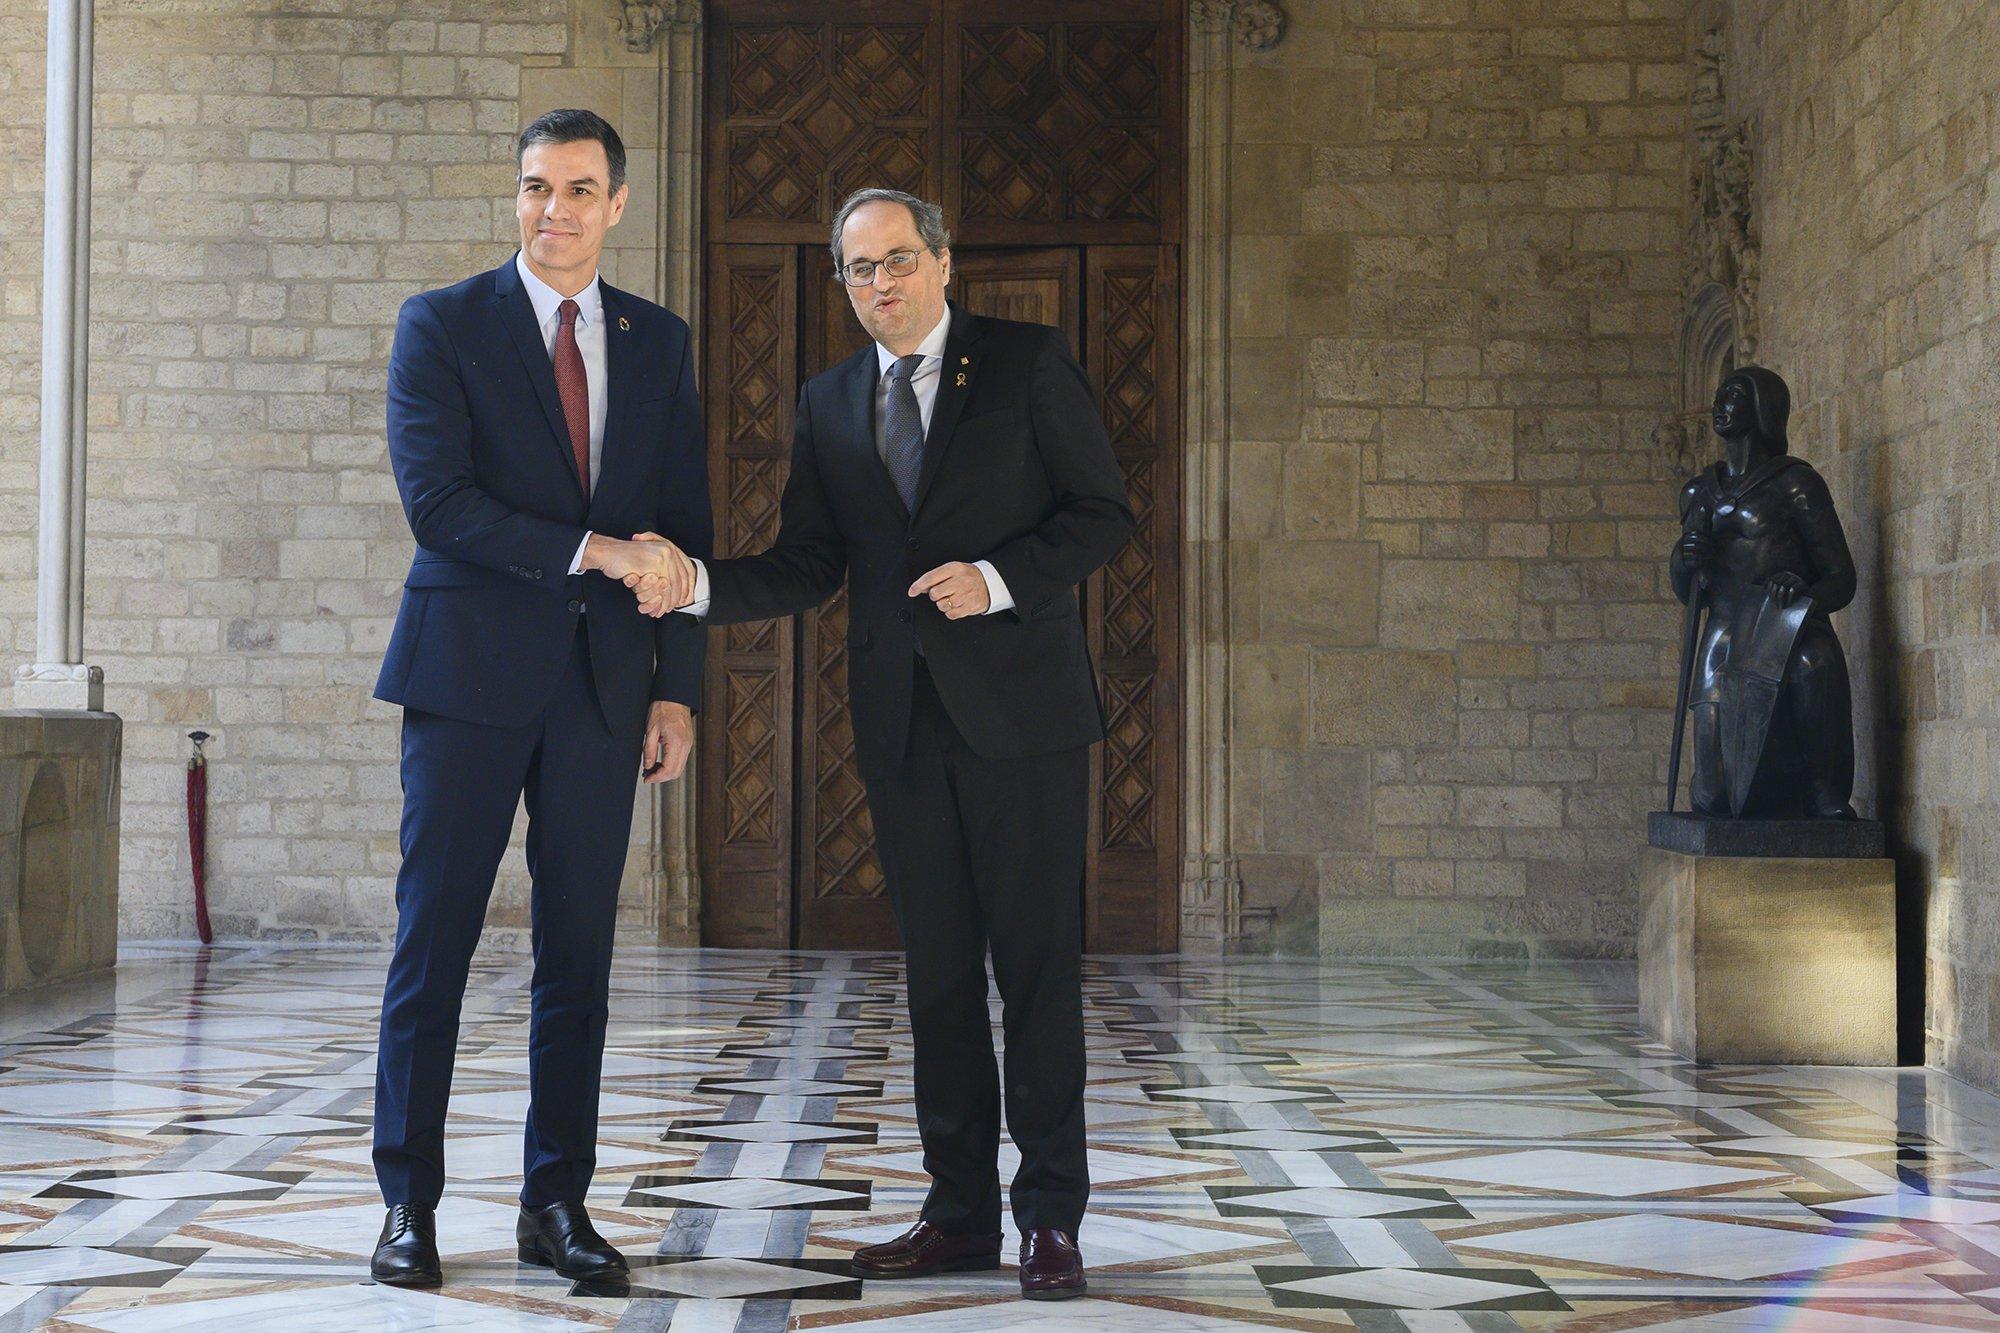 Las dos gallinas cluecas: Sánchez está abierto al diálogo, Torra exige el referéndum.